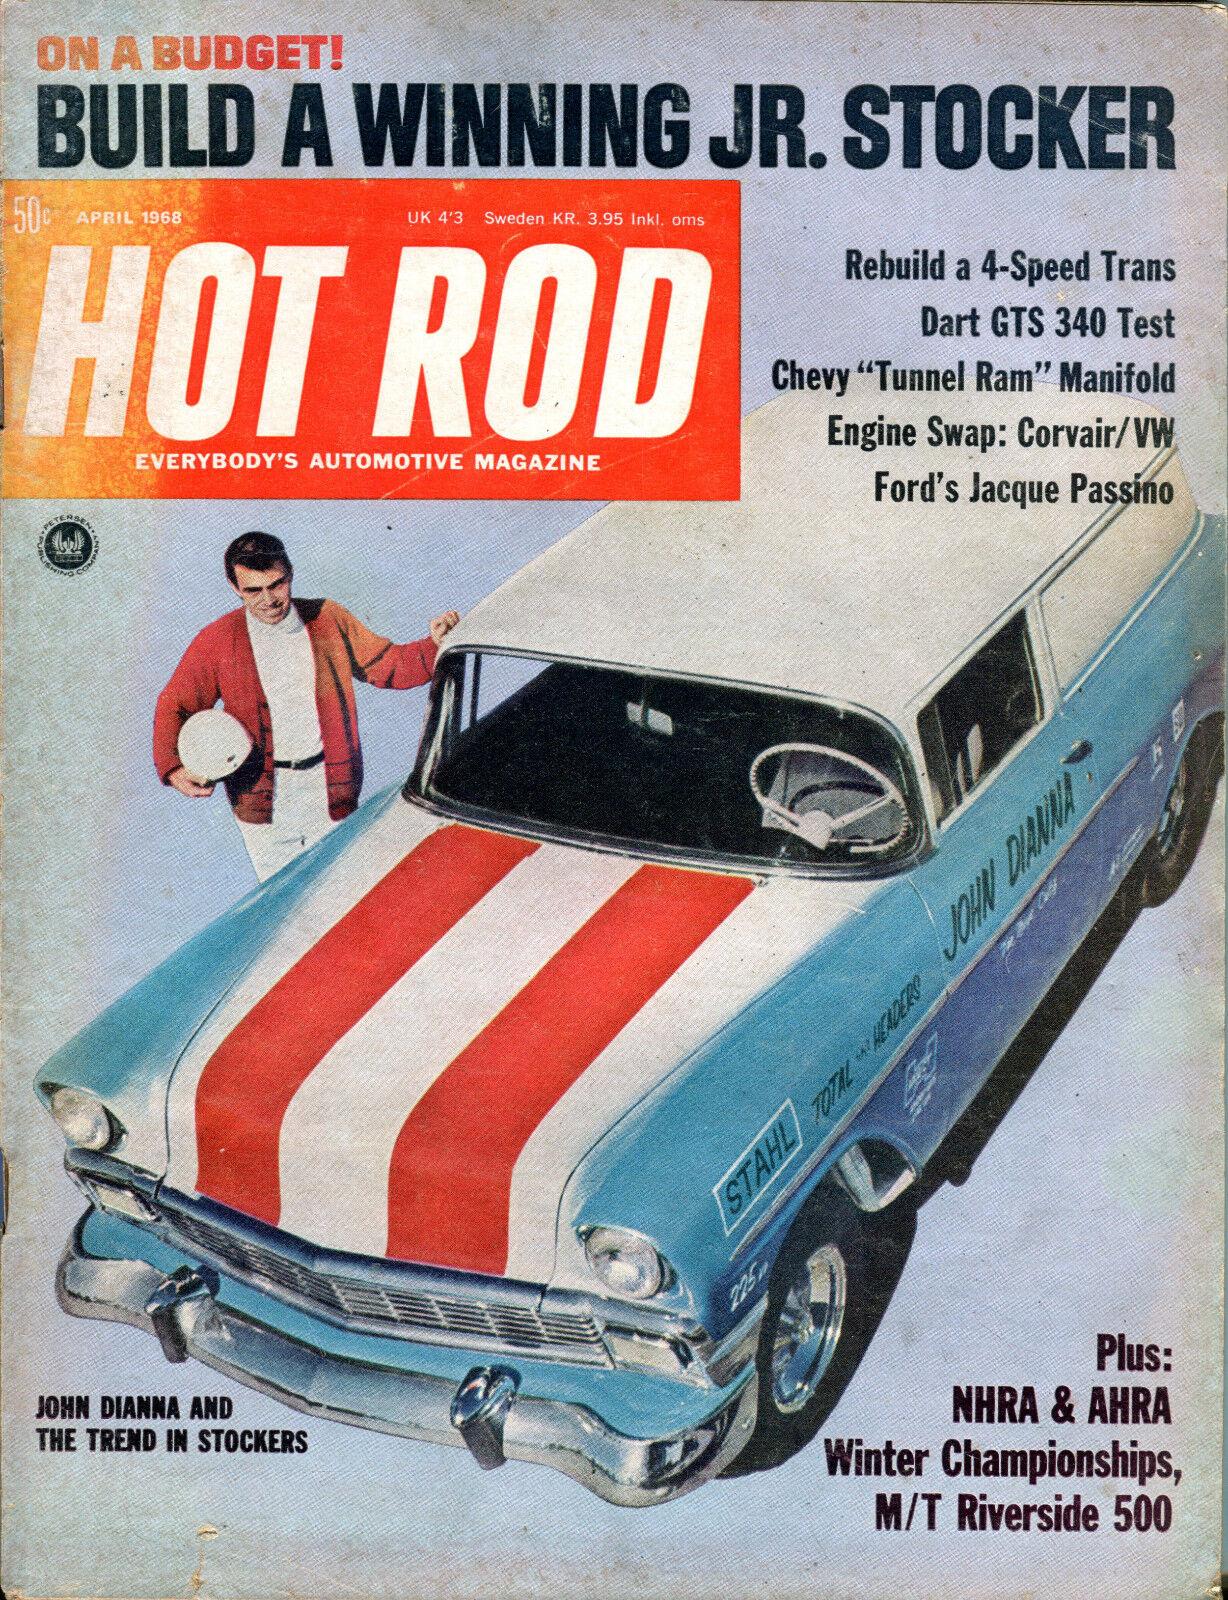 Hot Rod Magazine April 1968 John Dianna Stockers EX 021116jhe ...